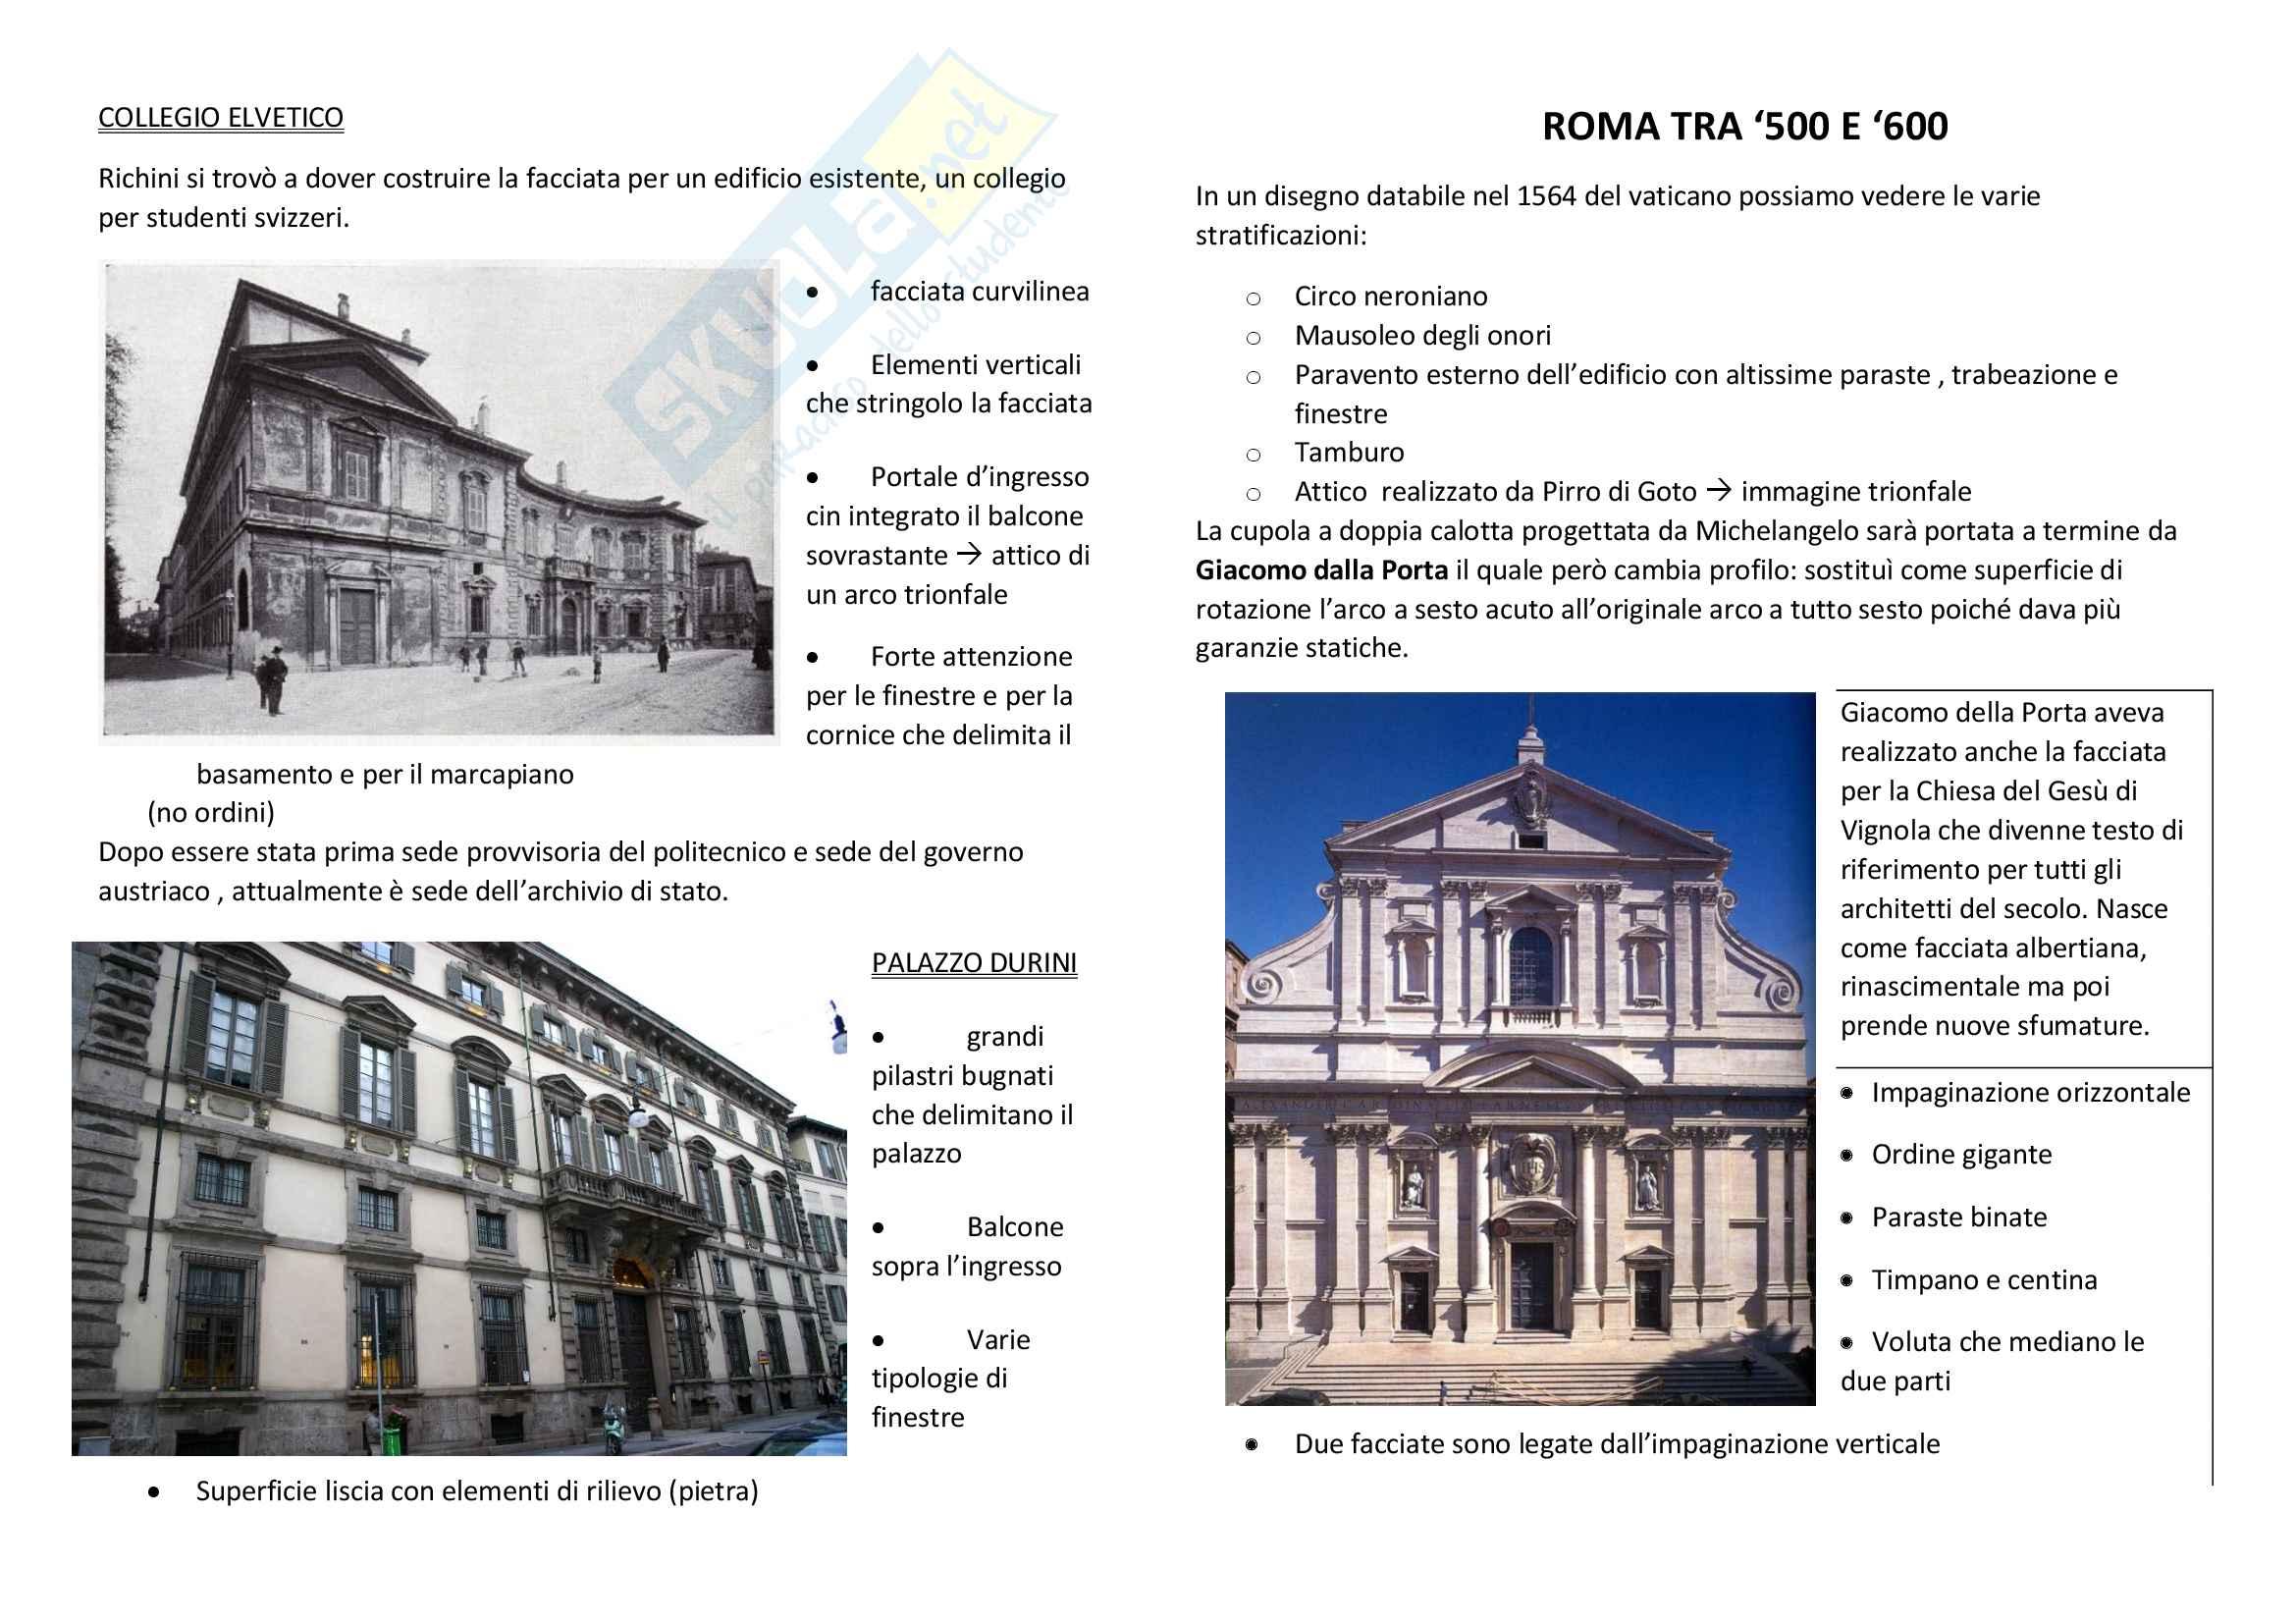 Storia dell'architettura dalle origini al '600 Pag. 106